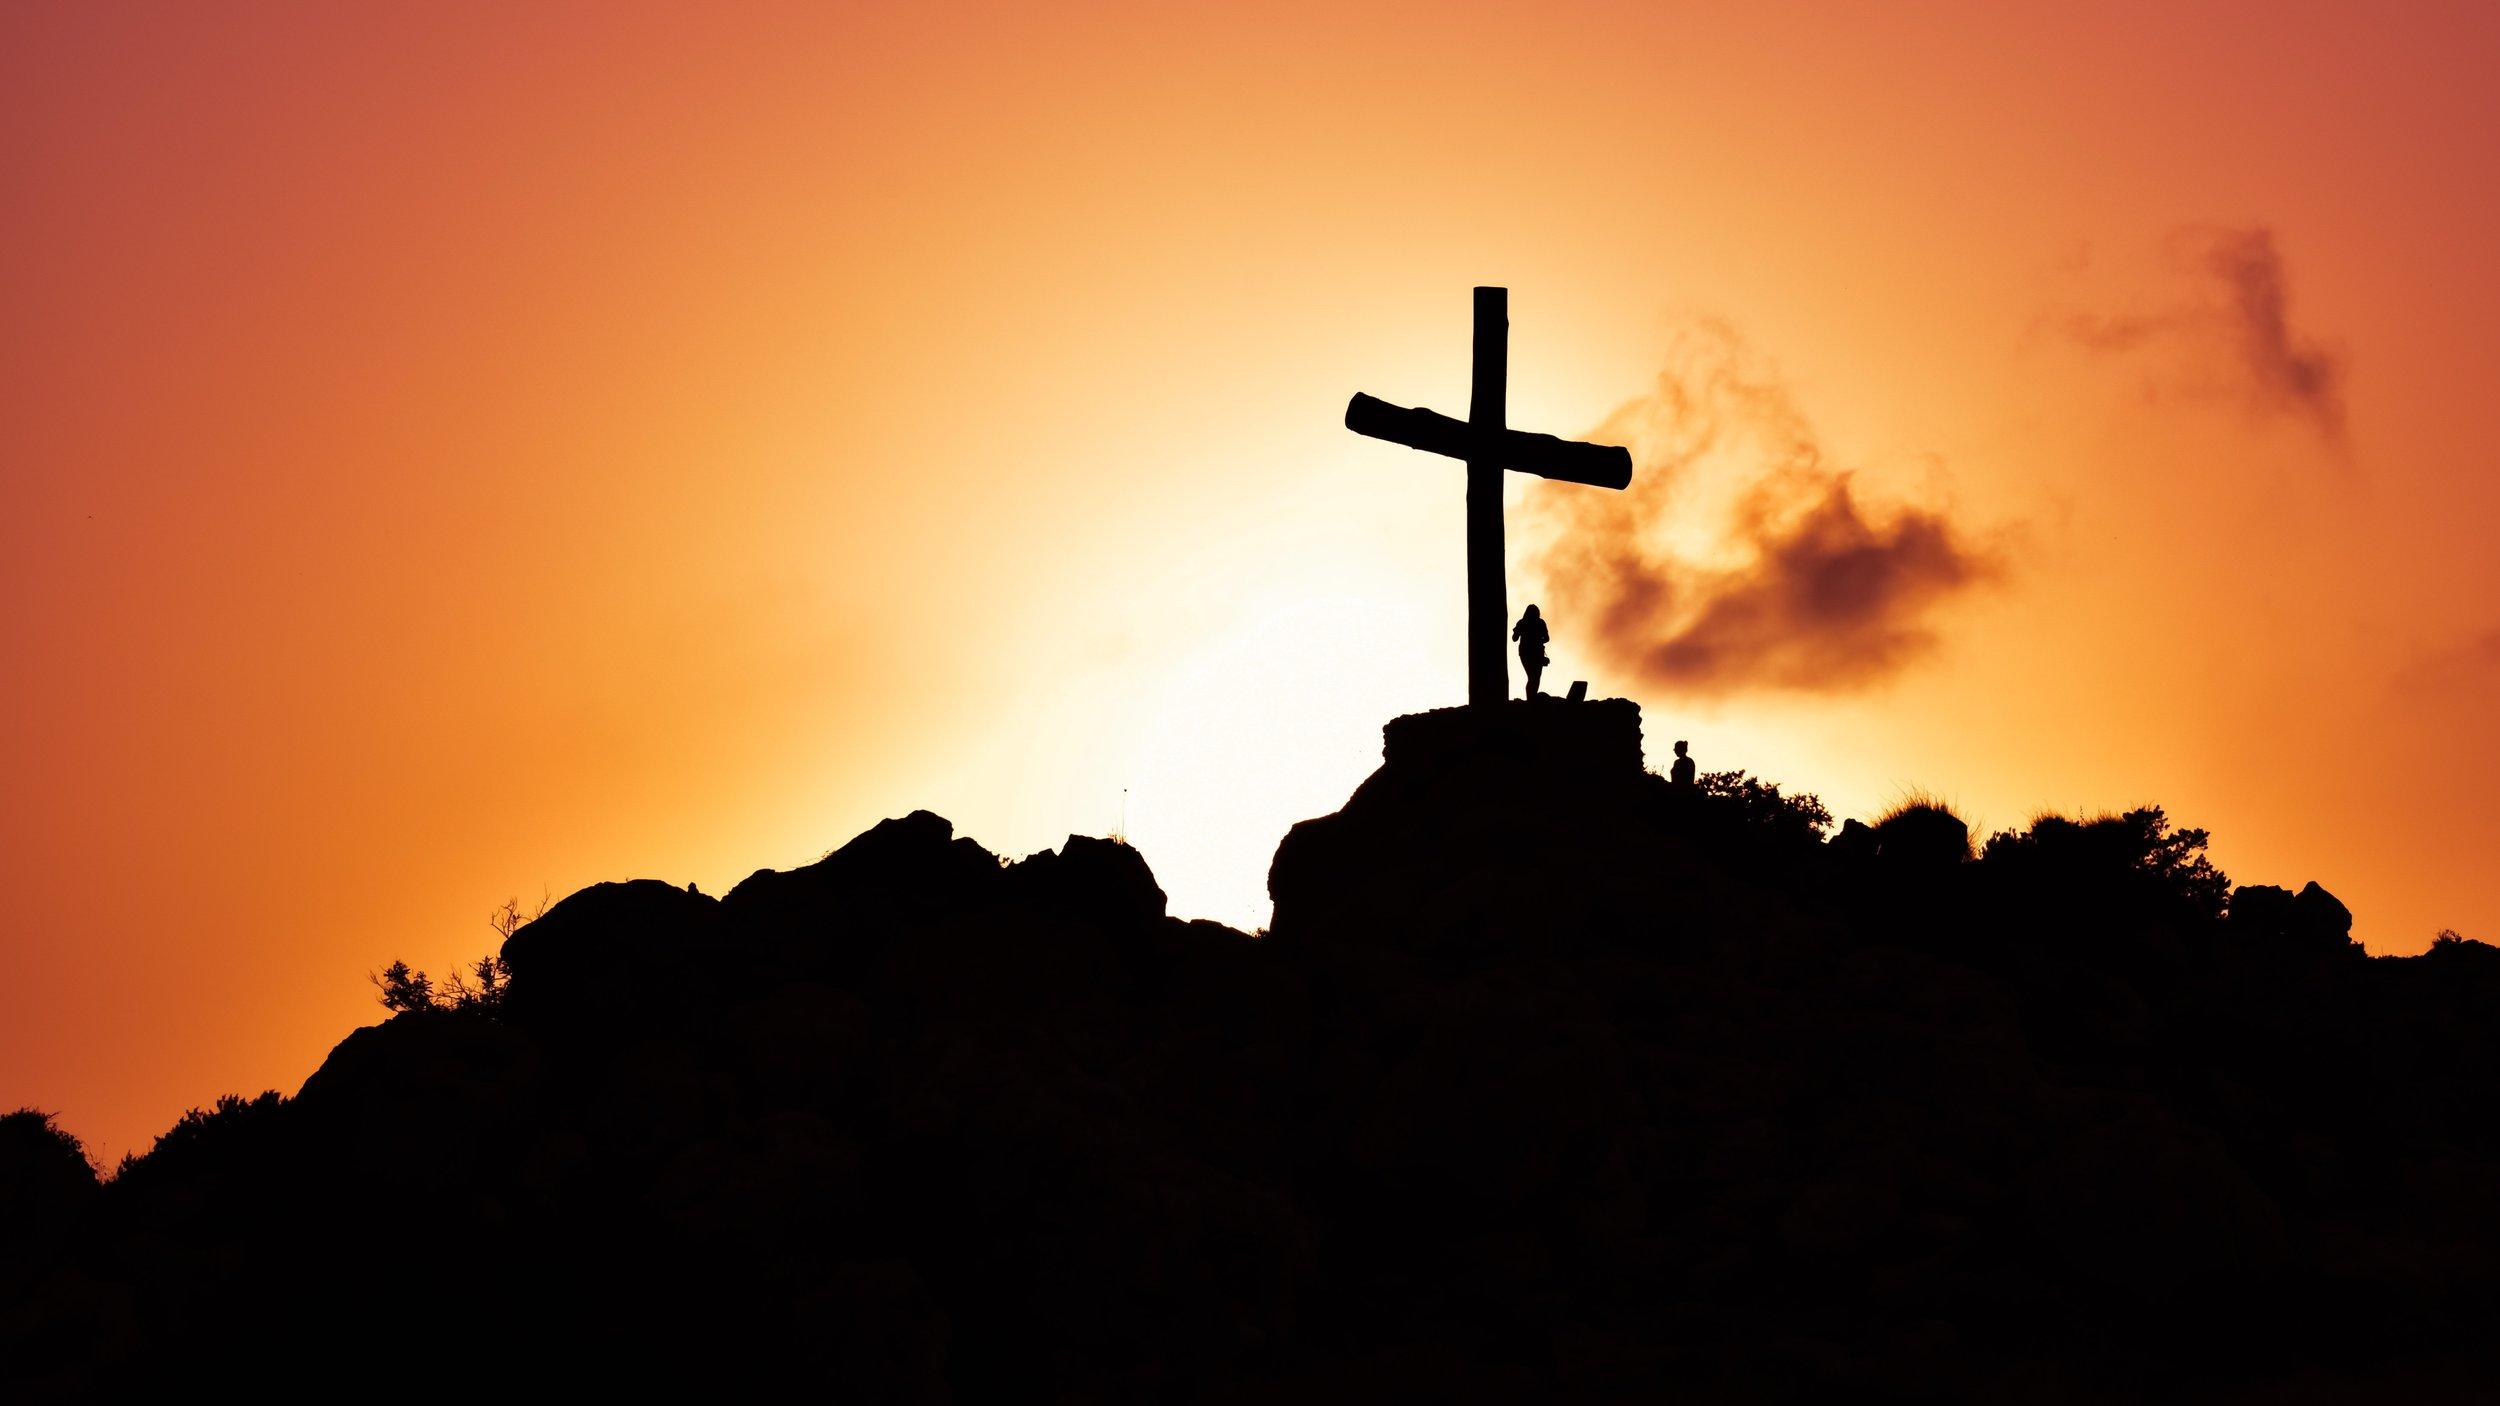 backlit-cemetery-christianity-415571(1).jpg